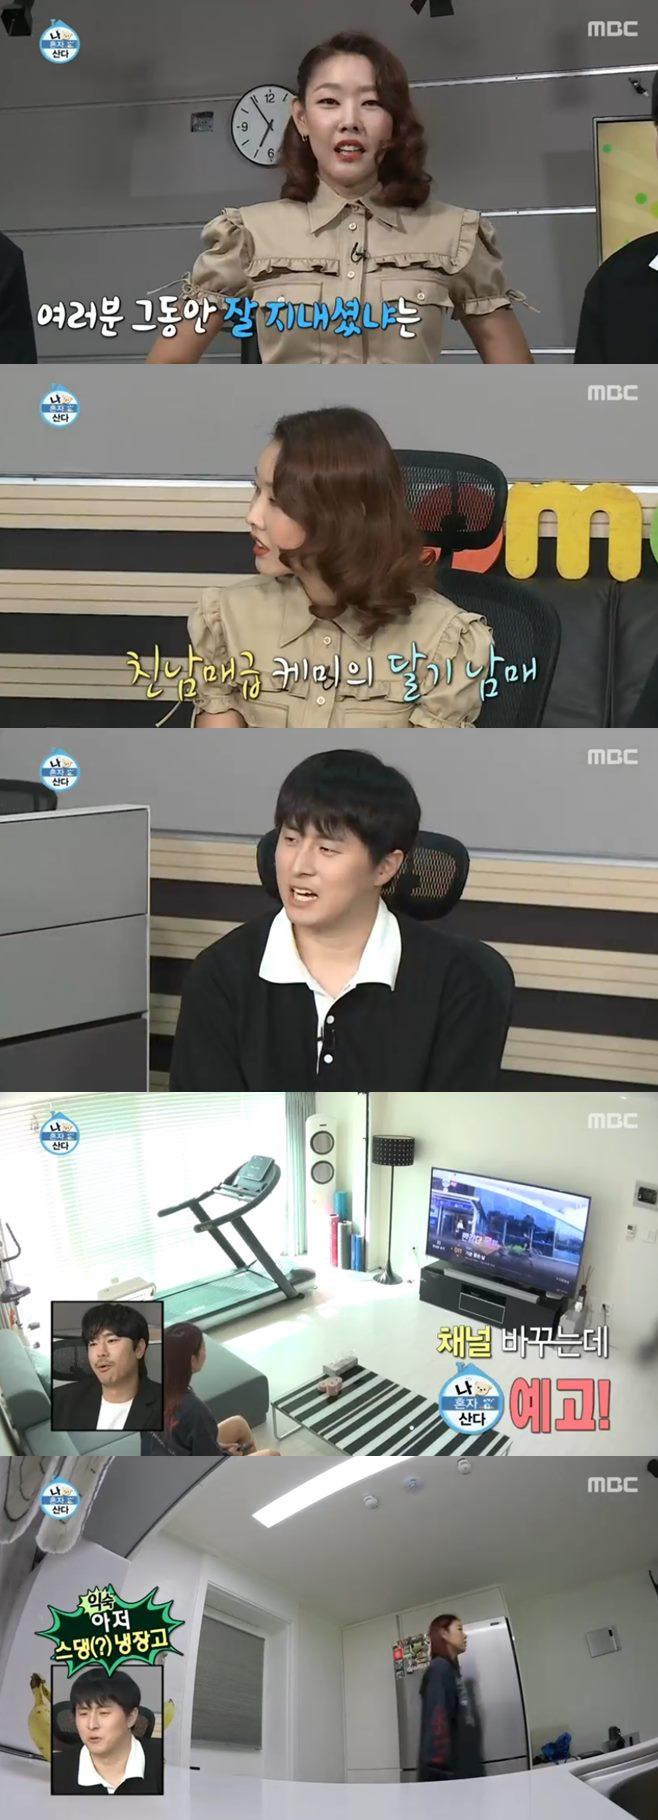 나 혼자 산다 기안84 헨리 이시언 성훈 박나래 송가인 한혜진